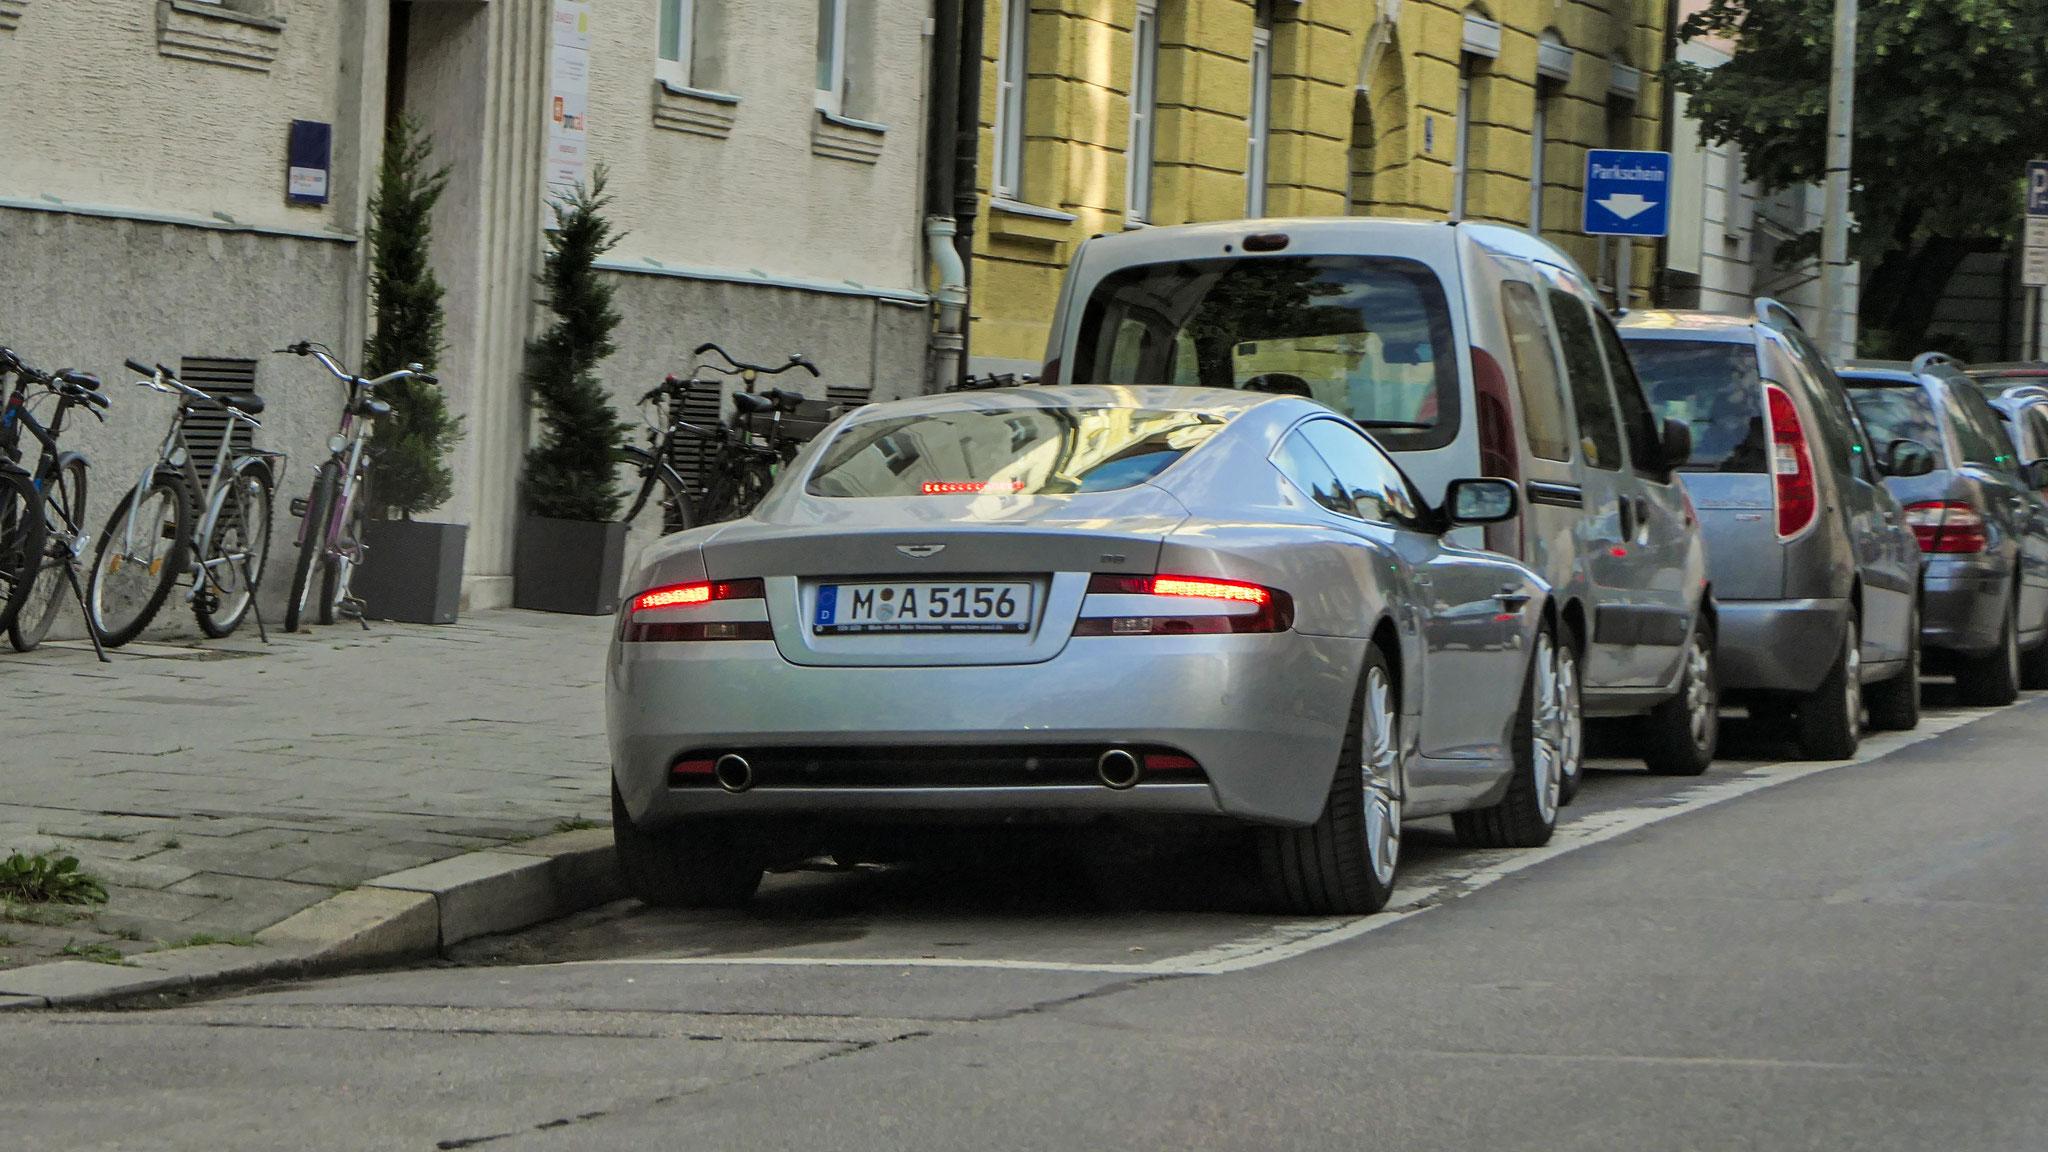 Aston Martin DB9 Coupé - M-A-5156